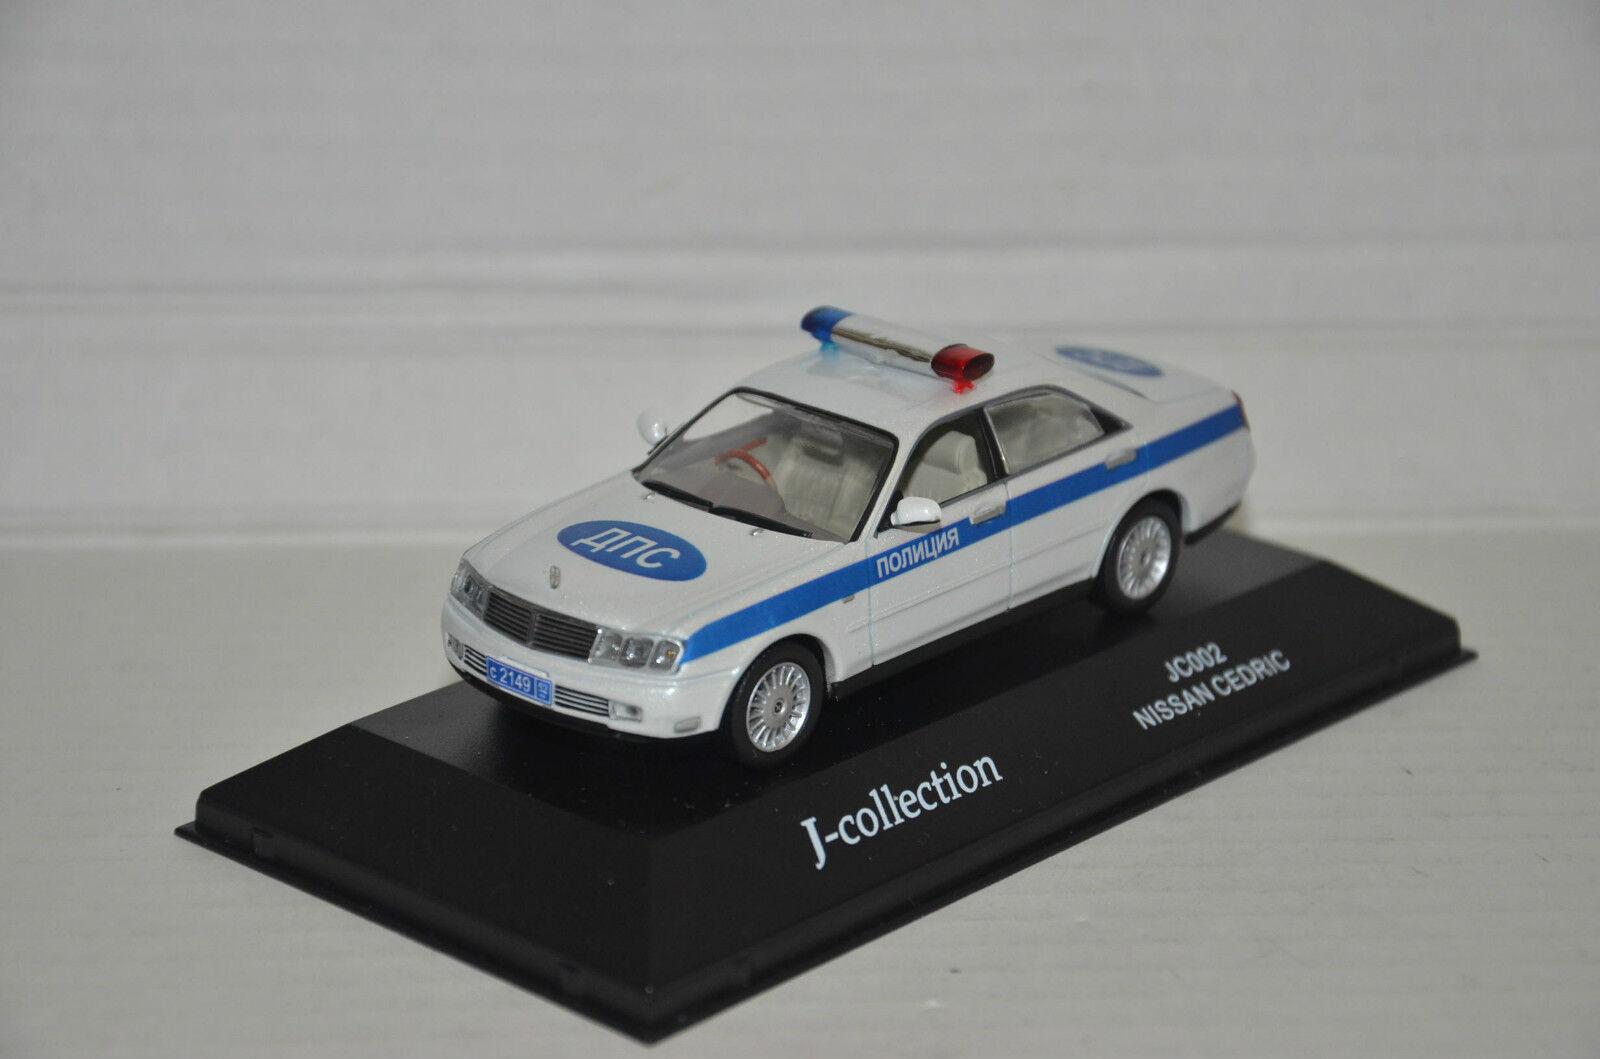 Raro    la policía rusa Nissan Cedric Hecho a Medida 1 43